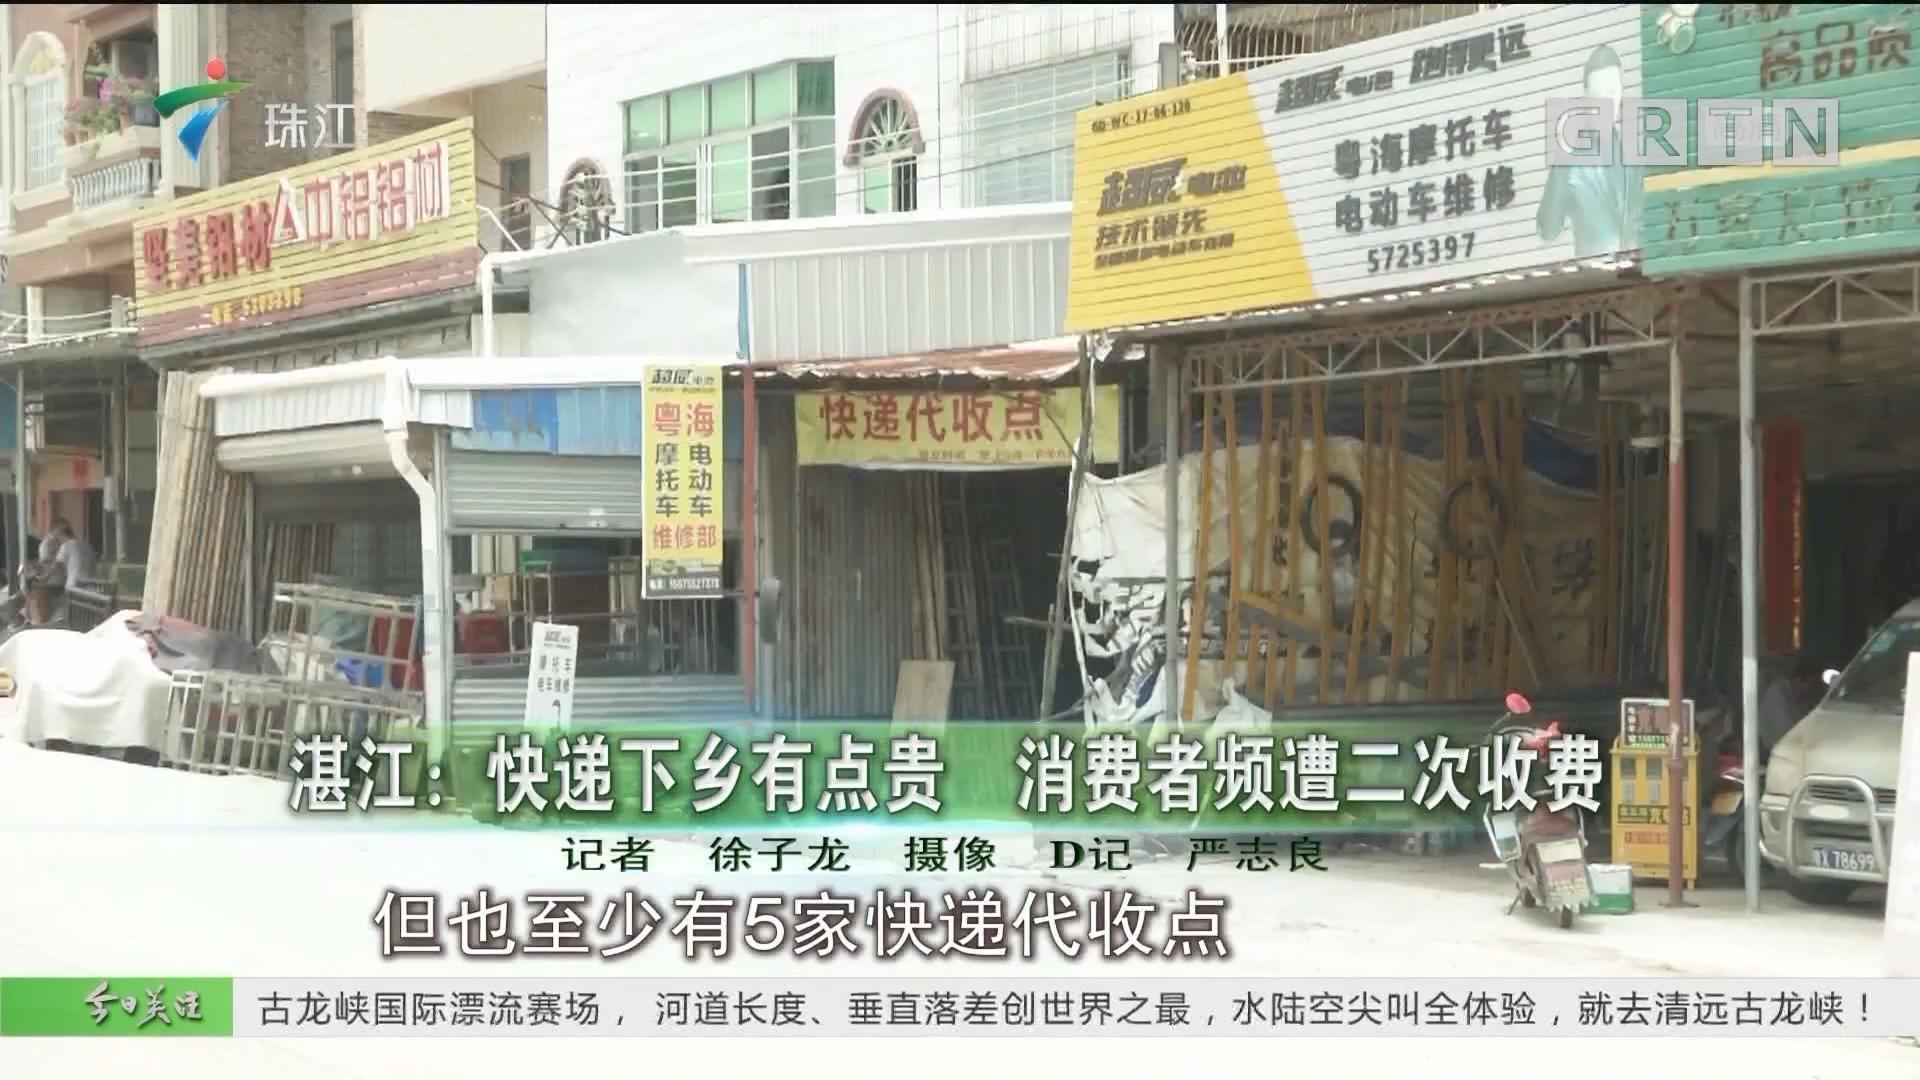 湛江:快递下乡有点贵 消费者频遭二次收费